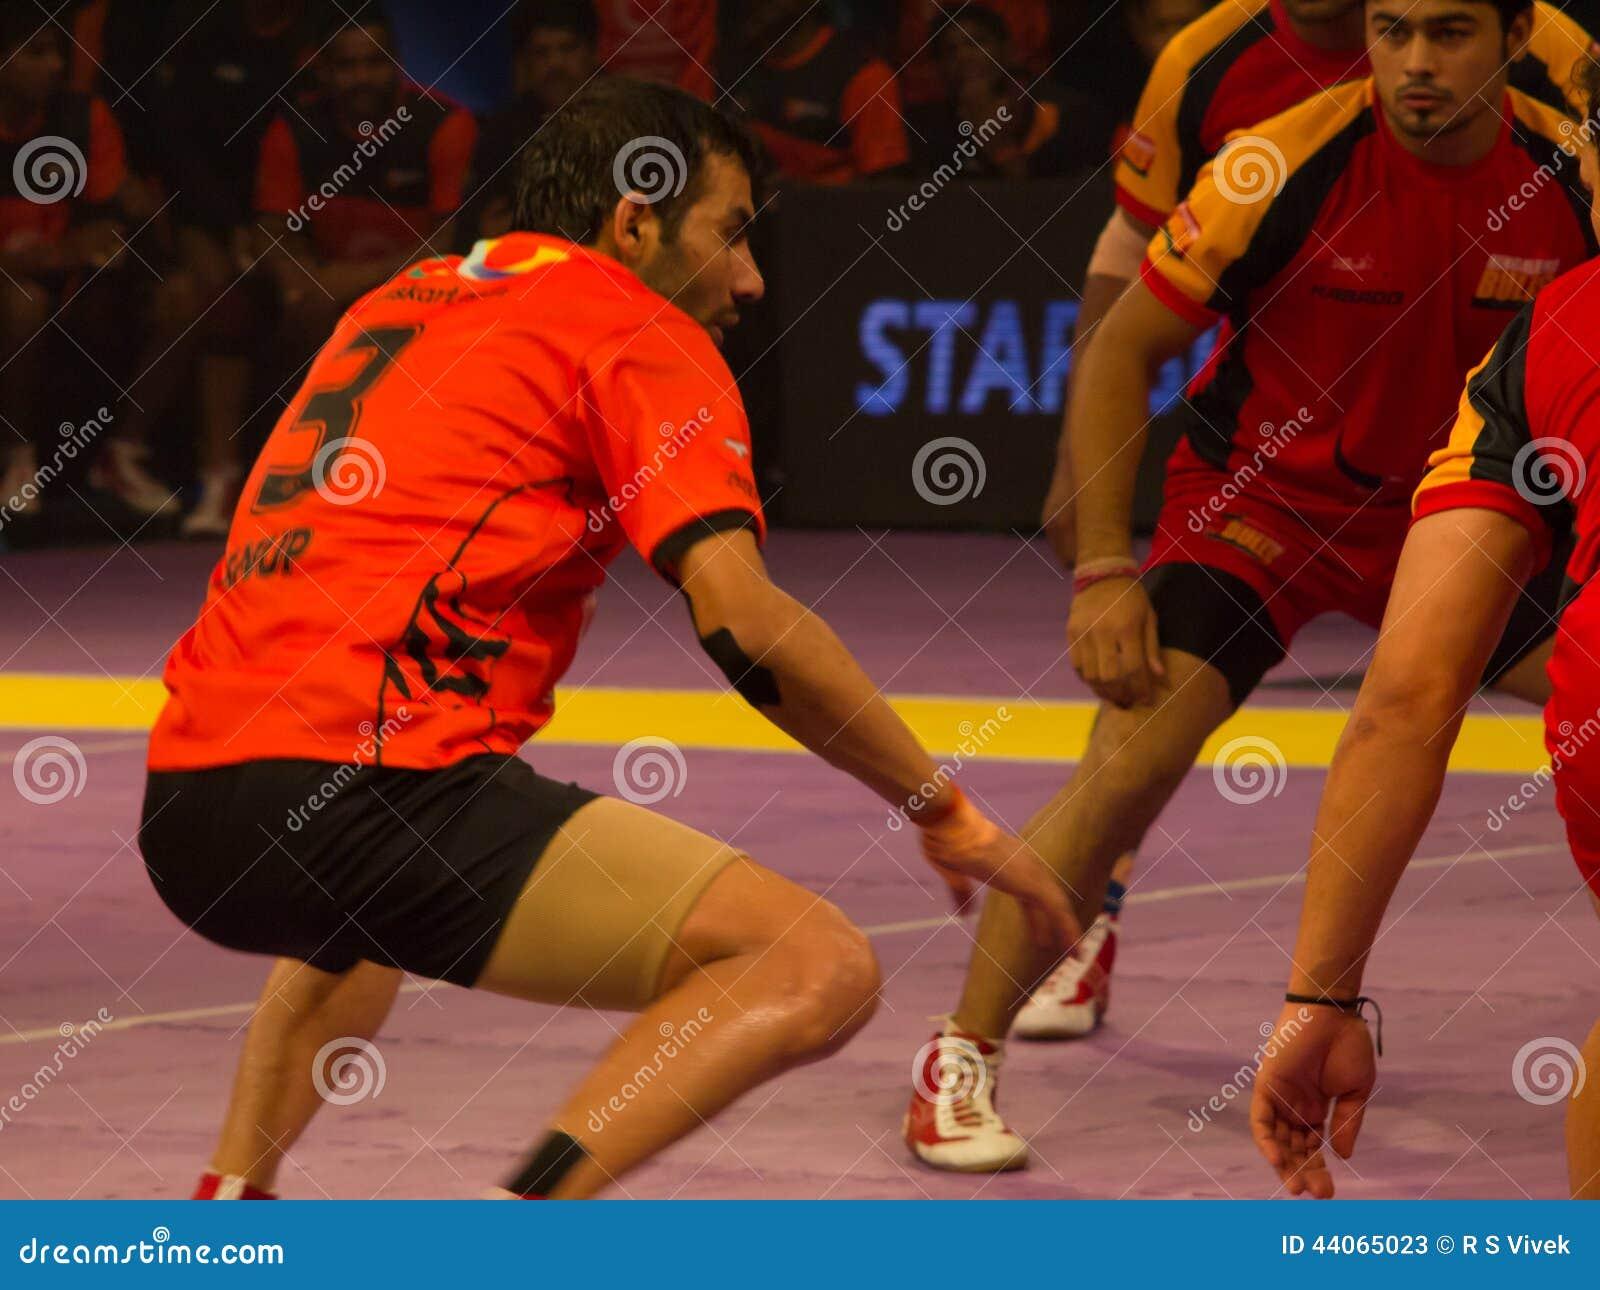 Anup Kumar Raiding Editorial Stock Photo Image 44065023